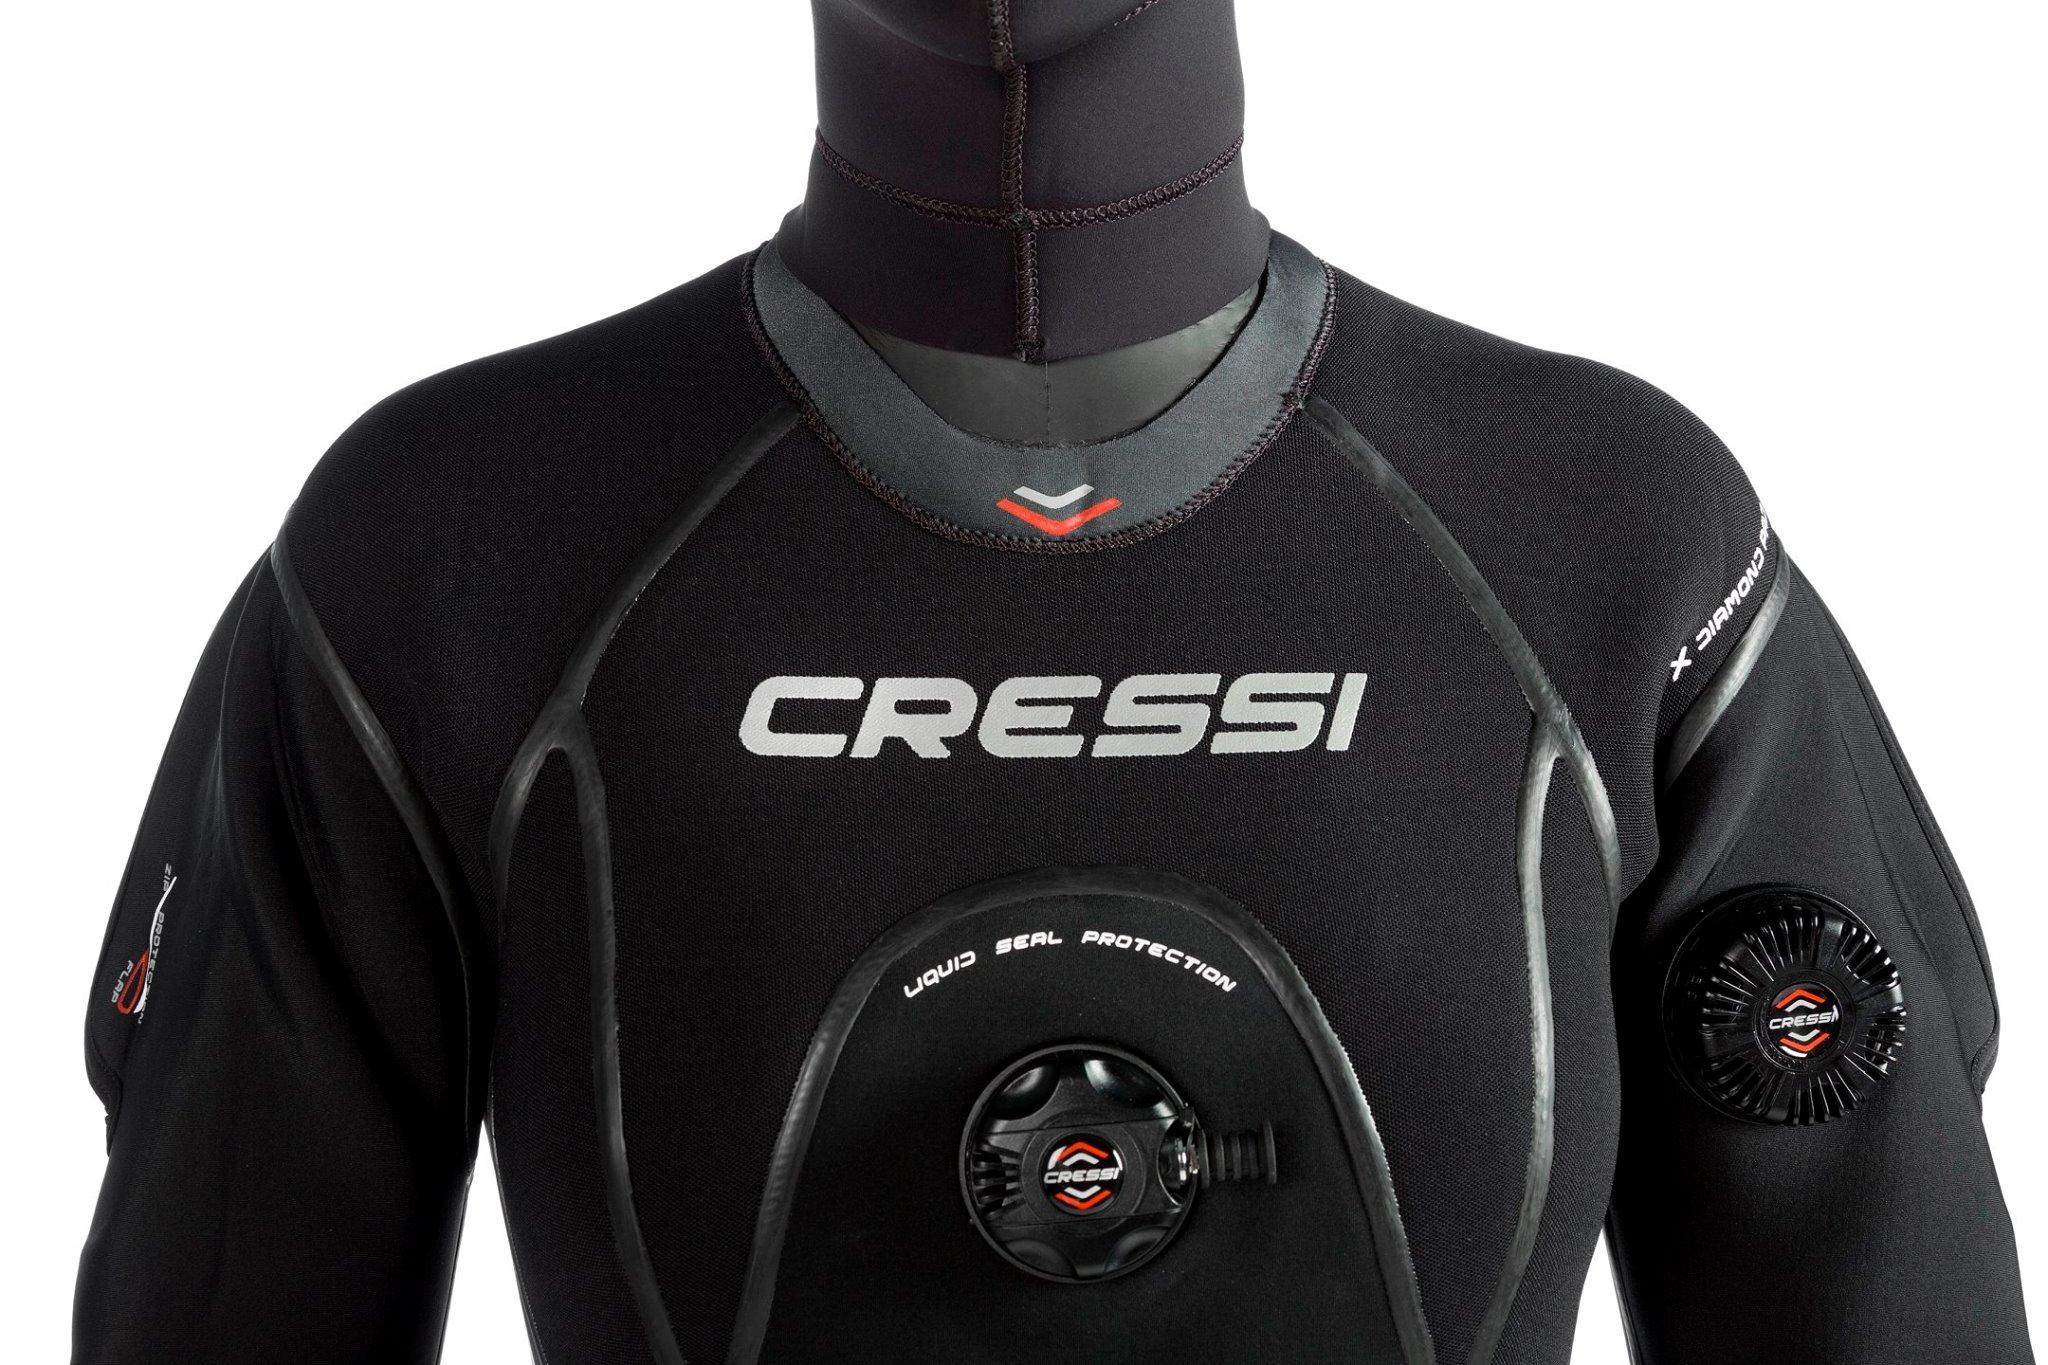 cressi_desert-front